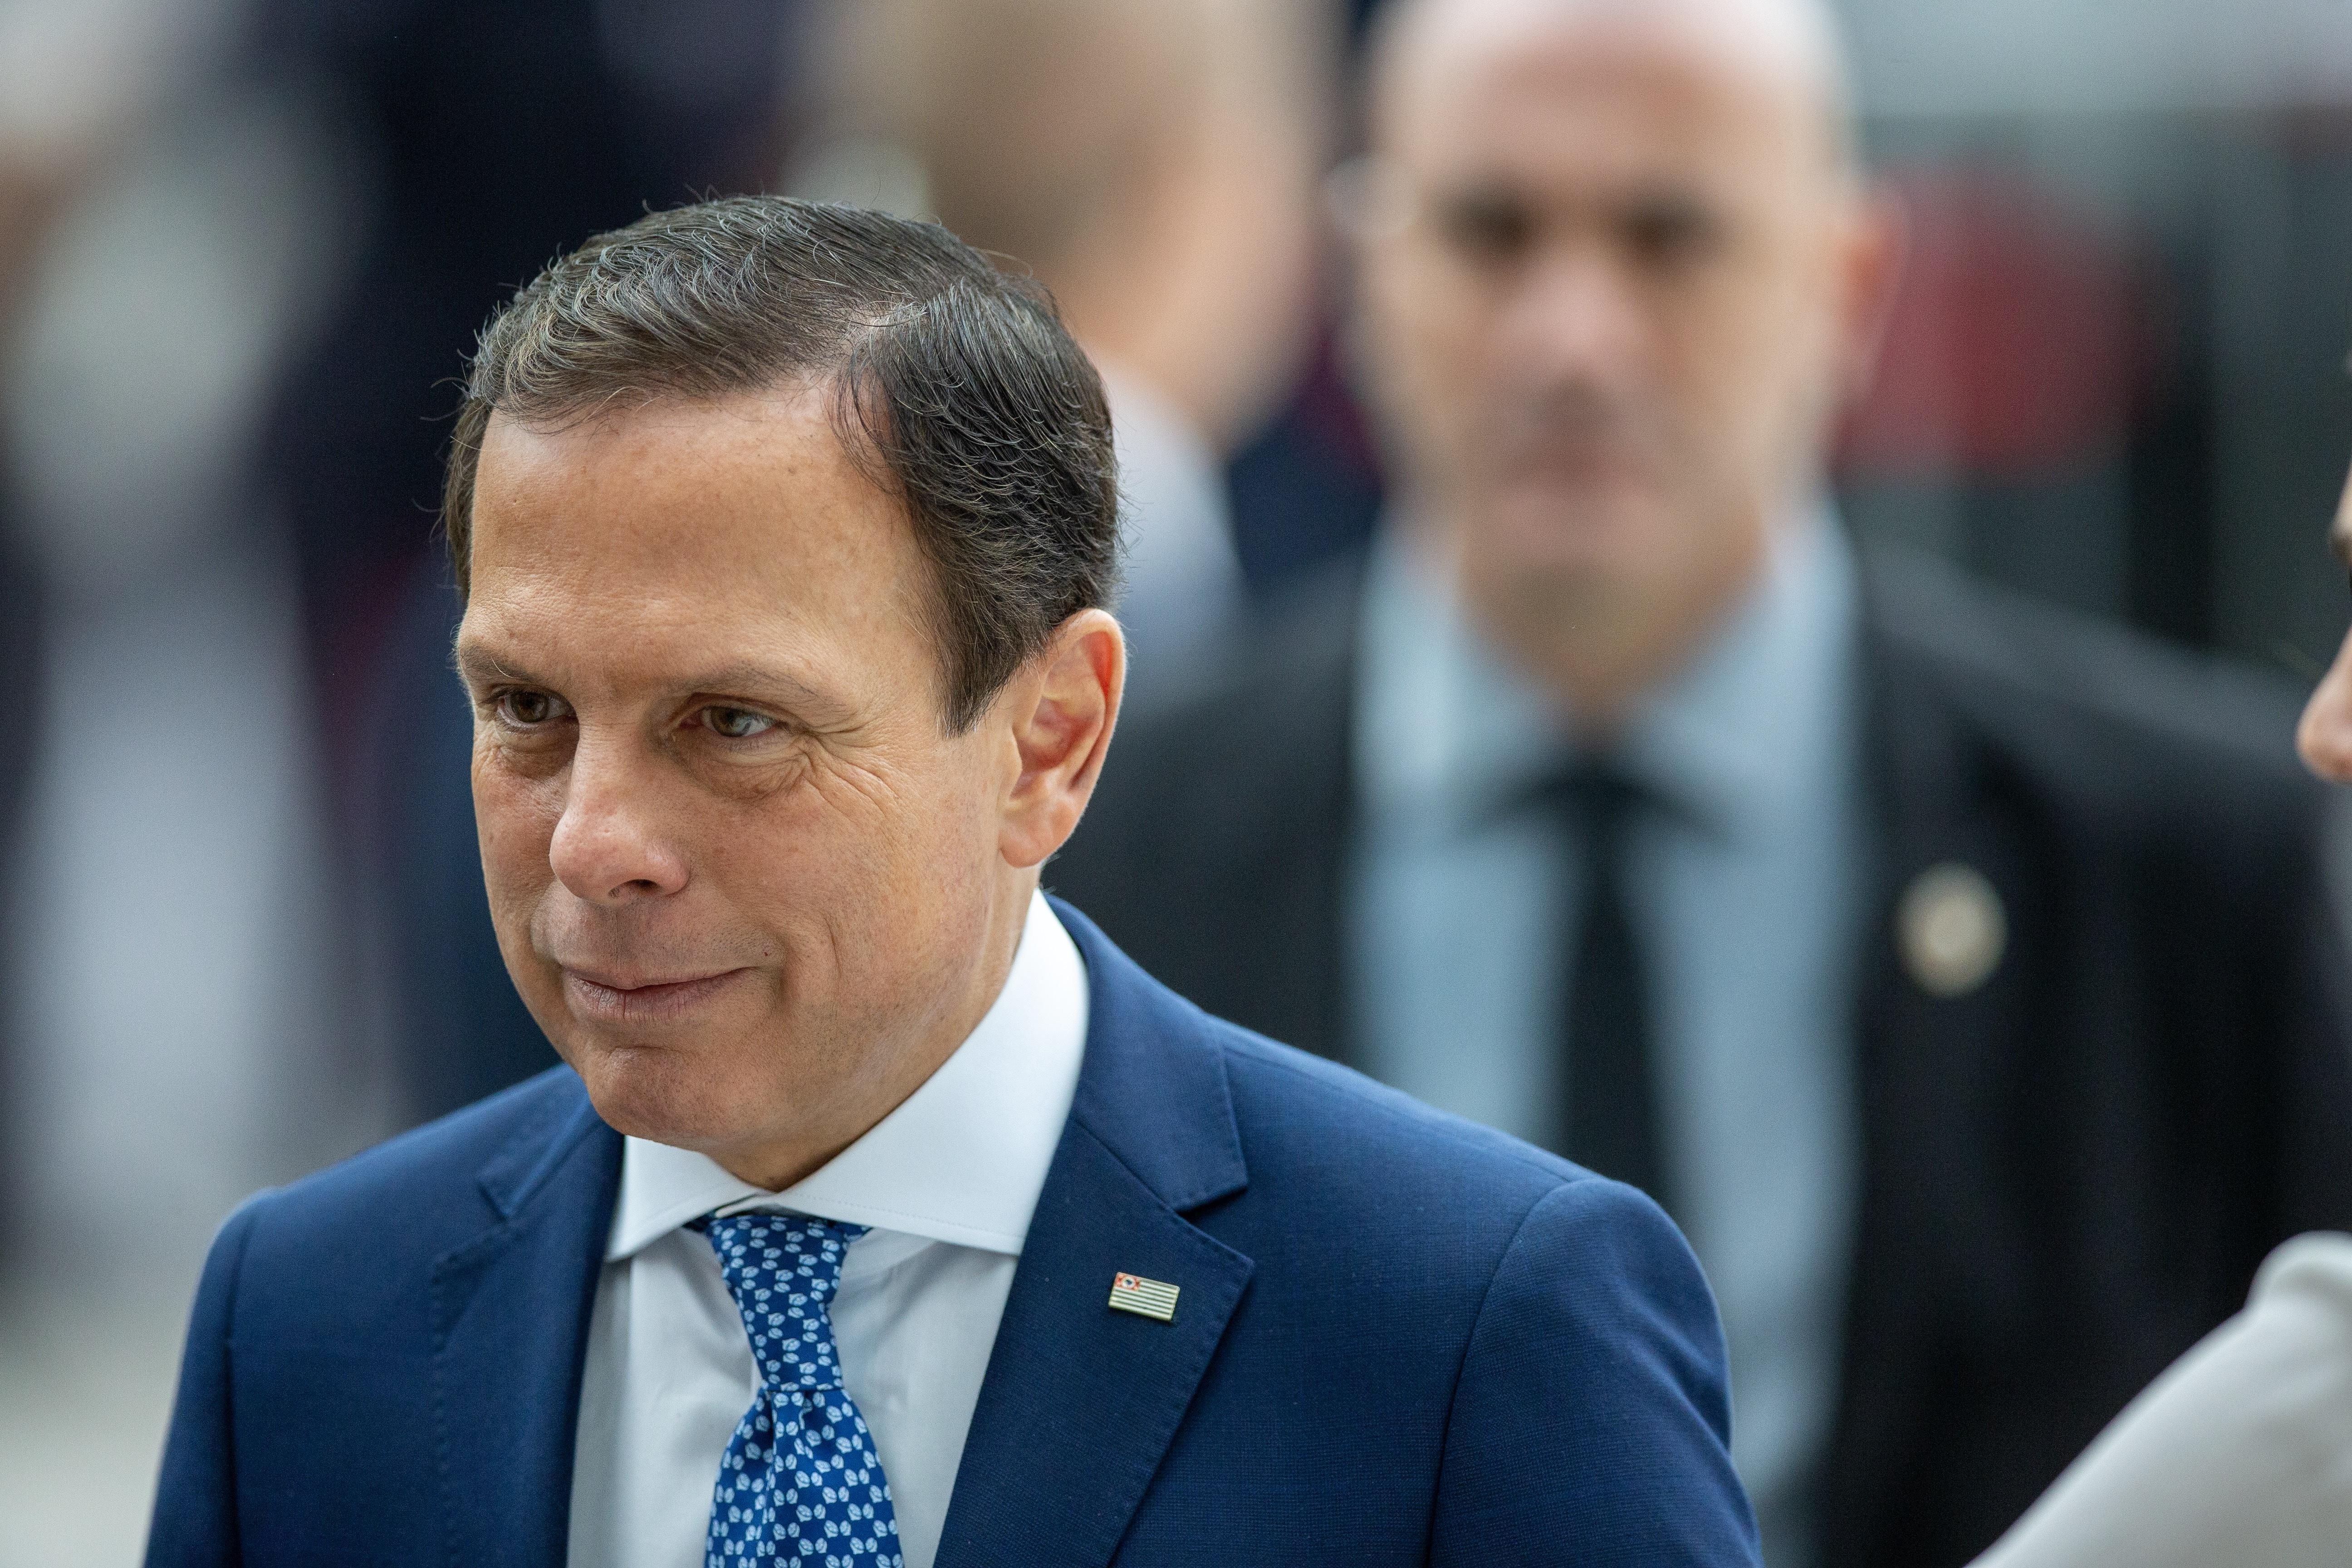 Governador de São Paulo, João Doria, chega ao velório do apresentador Gugu Liberato